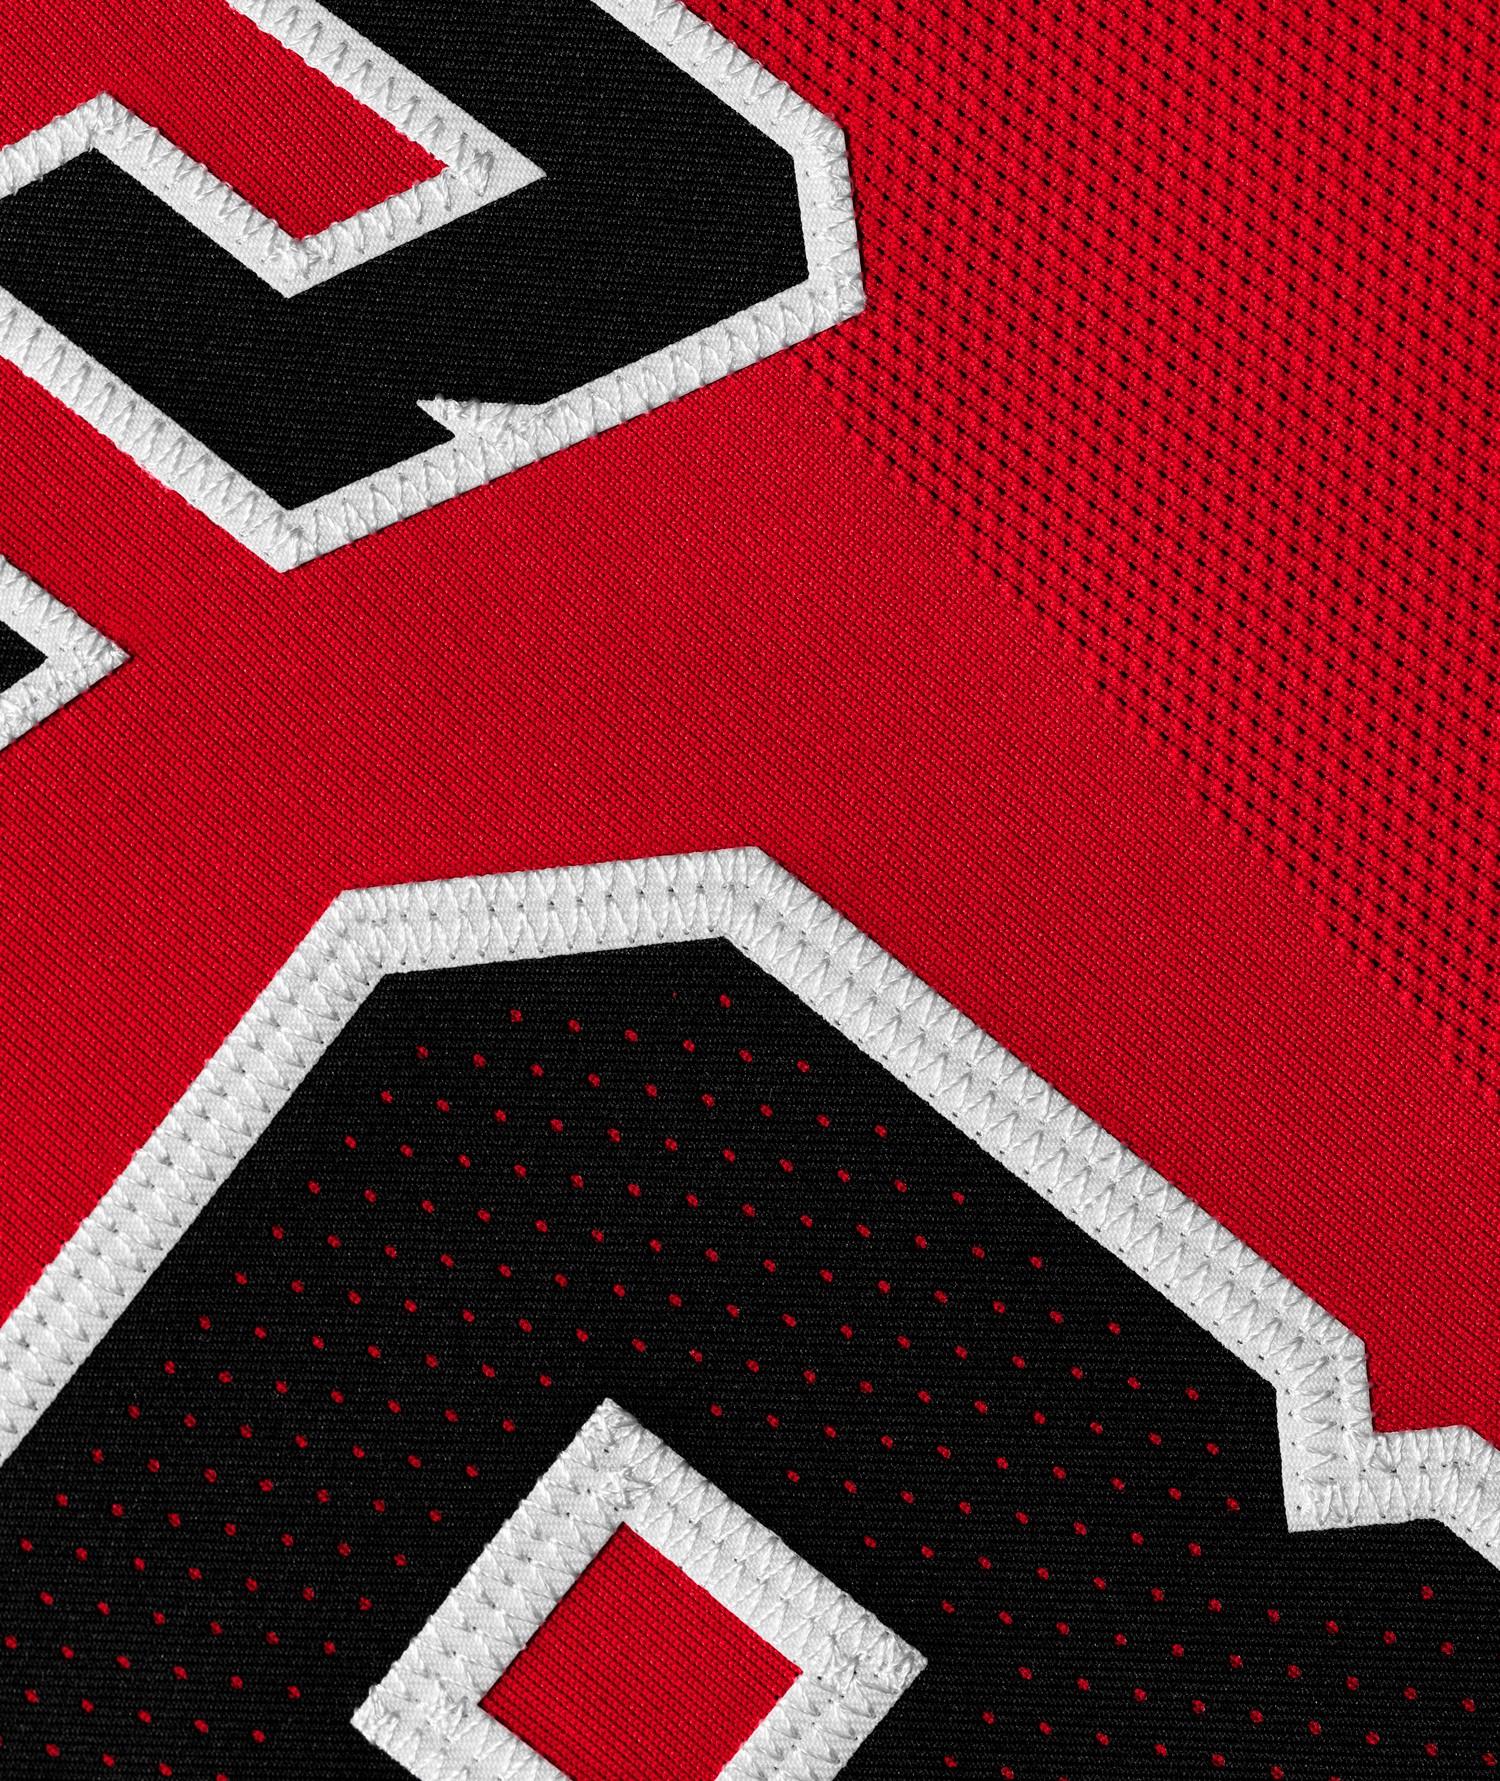 Michael Jordan authentic jersey last shot 1